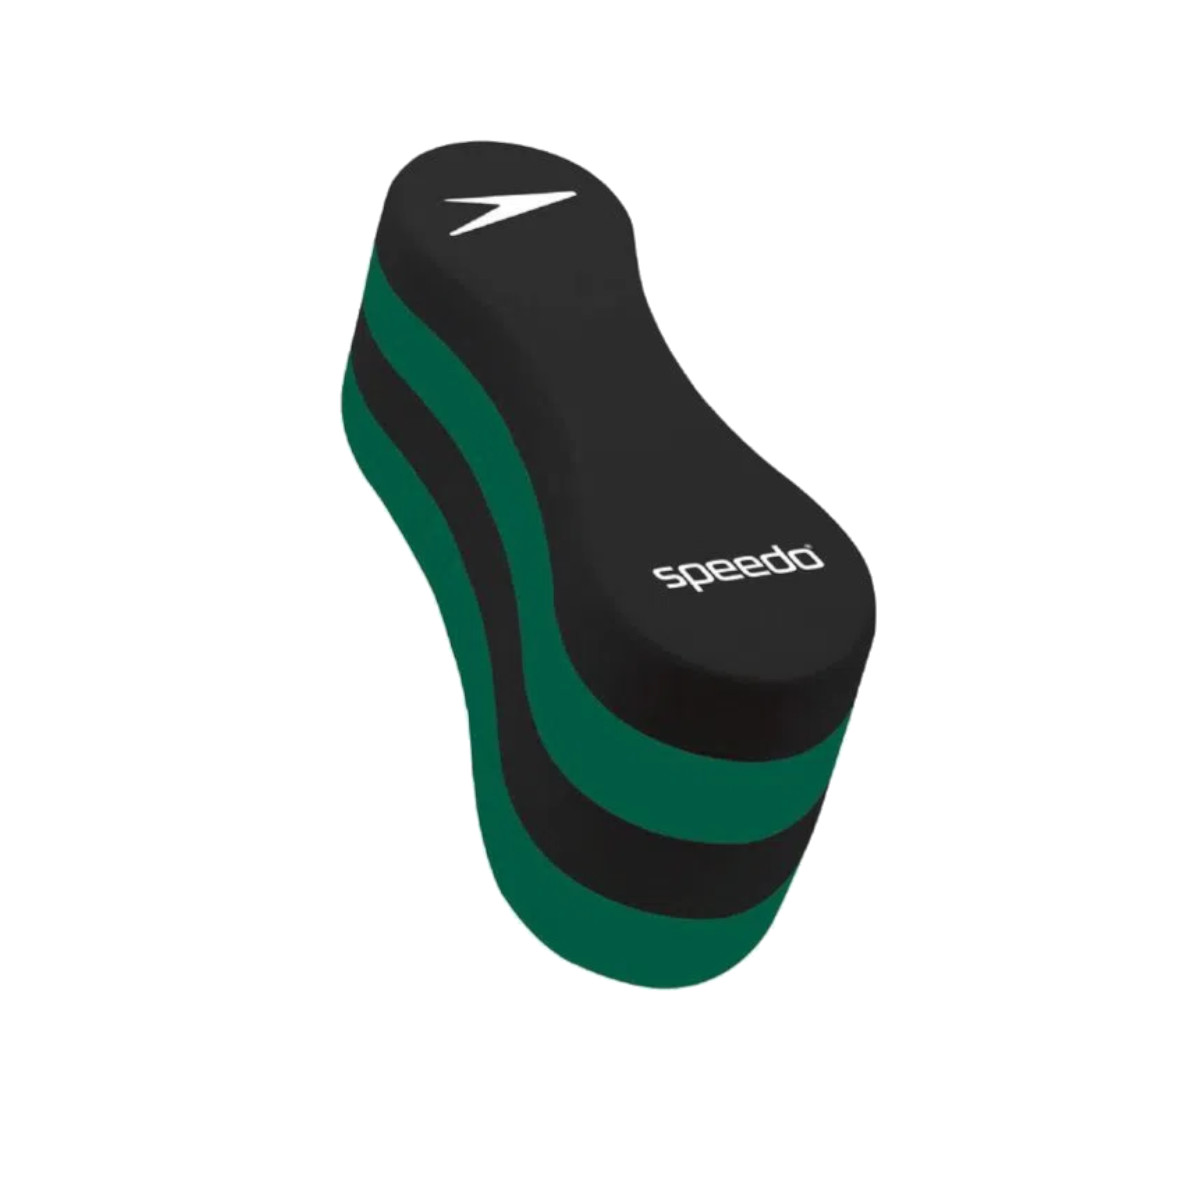 Flutuador Natação Classic Pullbuoy Speedo Preto e Verde